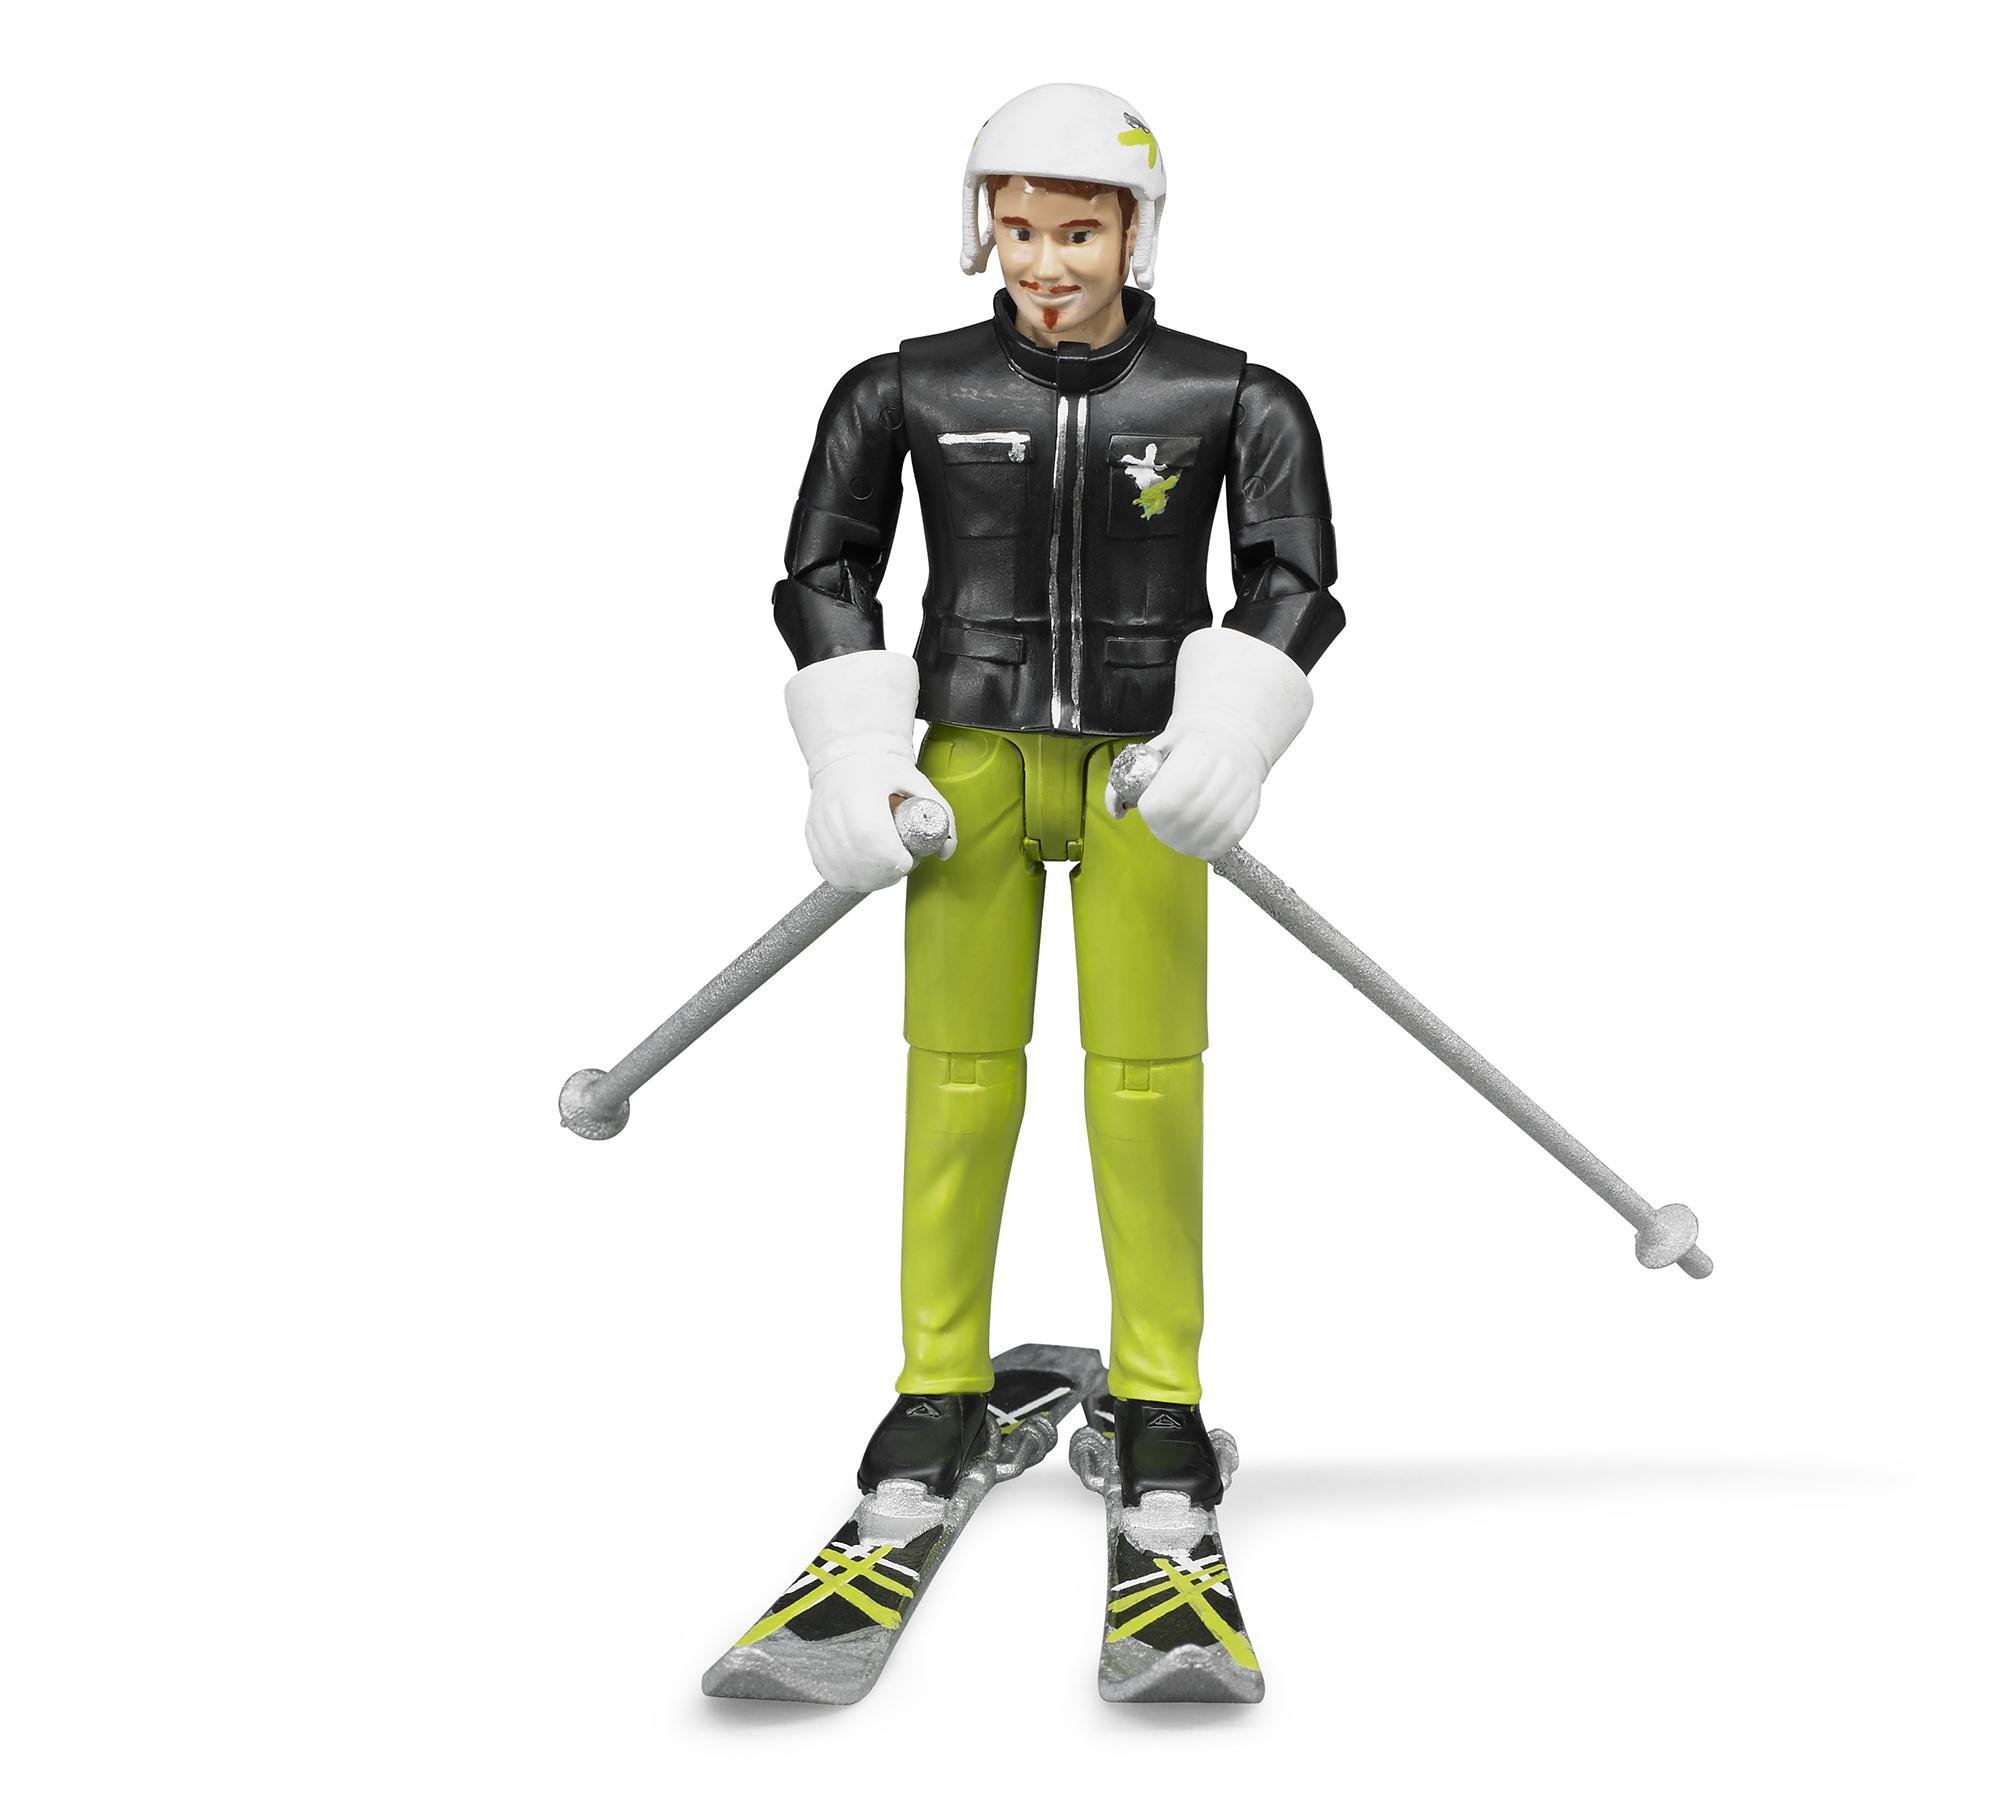 Фигурка лыжника с аксессуарамиАксессуары<br>Фигурка лыжника с аксессуарами<br>